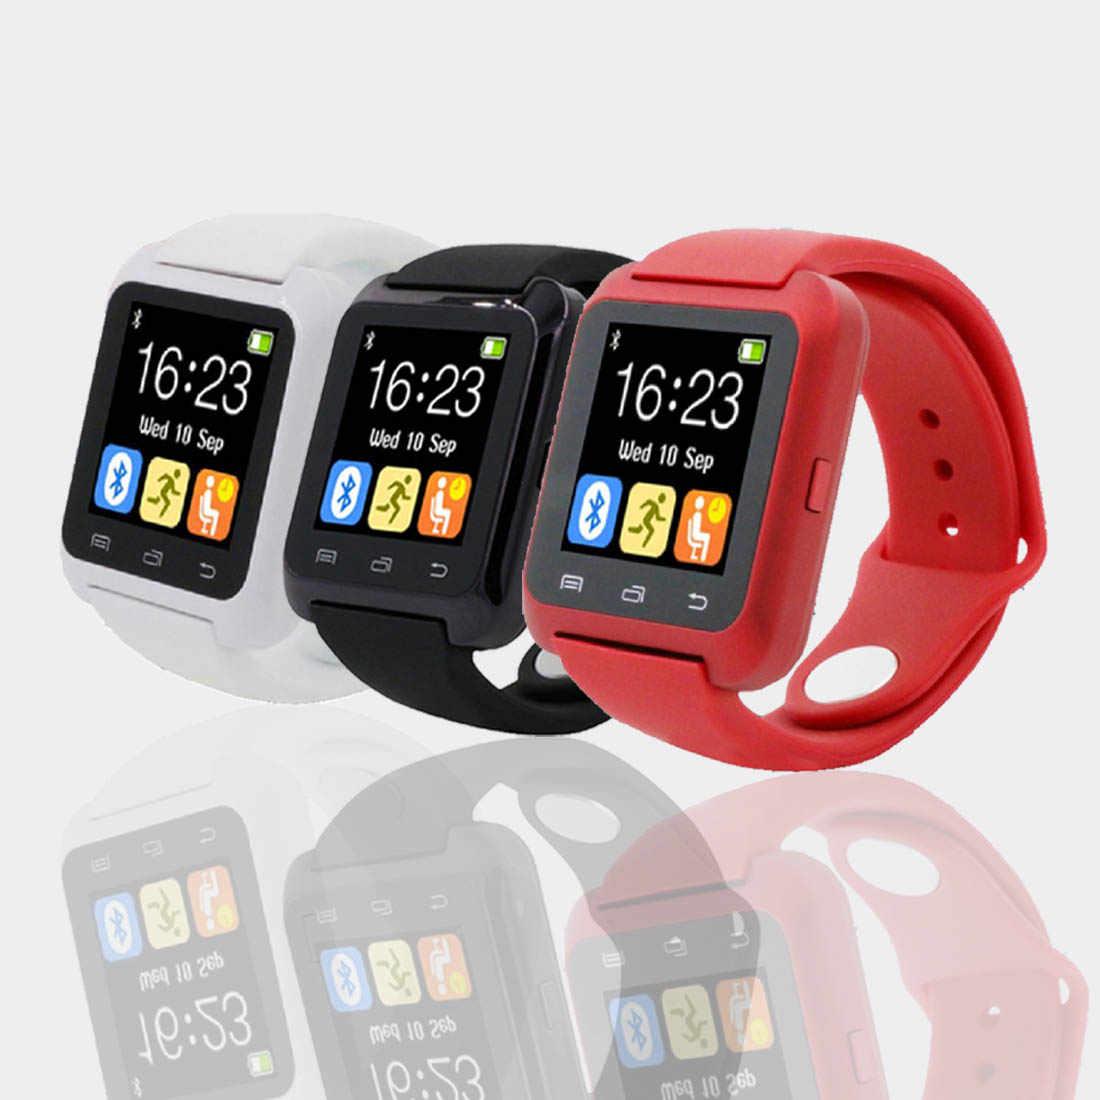 Bluetooth Đa Năng V3.0 Dây EDR Đồng Hồ Thông Minh Điện Thoại Máy Ảnh Thẻ Đồng Hồ Thông Minh Dành Cho Apple Xiaomi Huawei Mobilephone